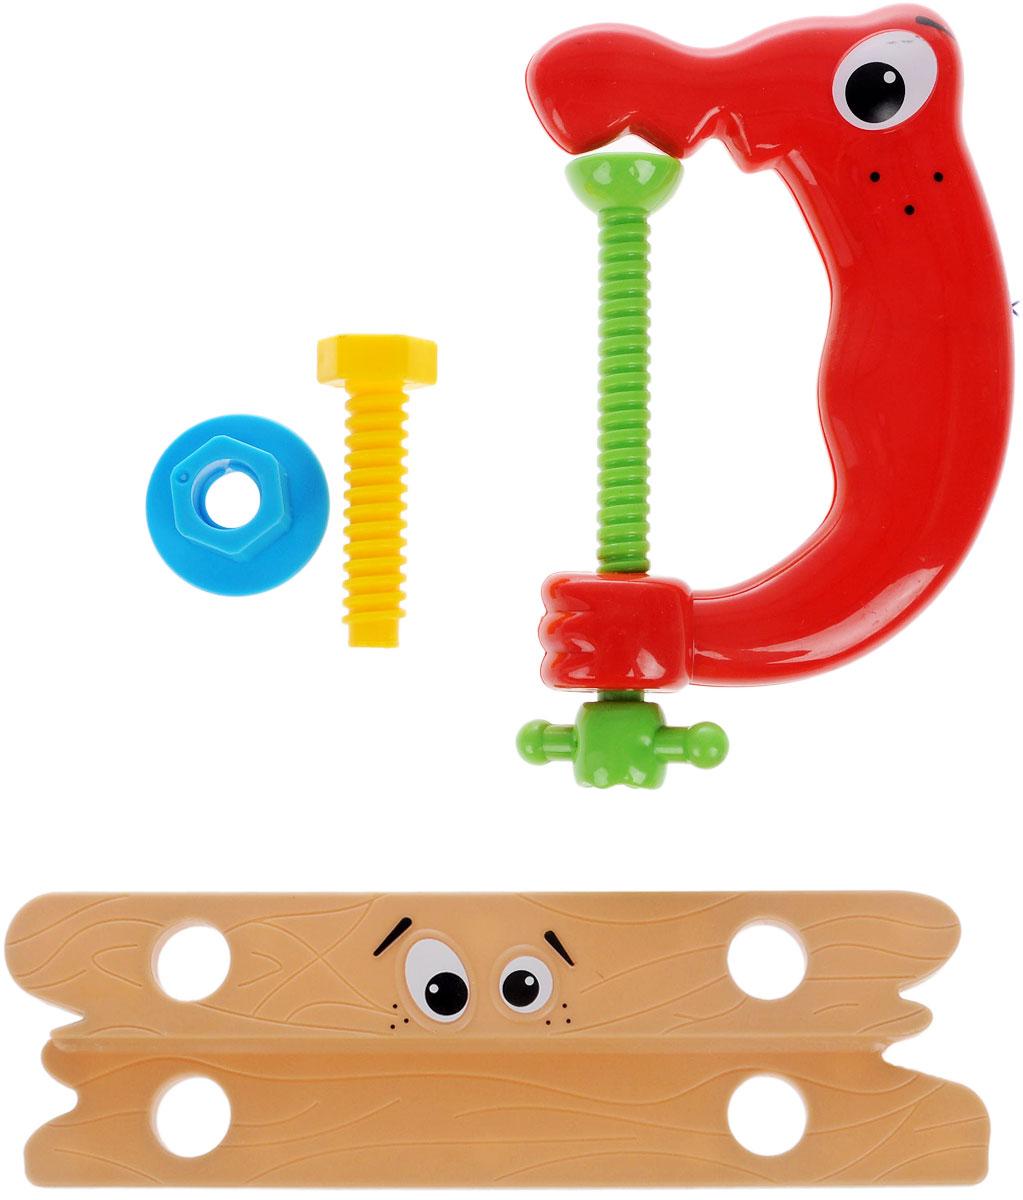 1TOY Игровой набор Профи-малыш цвет коричневый красныйТ55984_красный/струбницаНабор Профи-малыш состоит из зажима, доски с отверстиями, винта и гайки. Яркие игрушки с нарисованными глазками изготовлены из цветного безопасного пластика. С помощью игрового набора с инструментами ребенок сможет обучиться быть более самостоятельным и хозяйственным. Играя в сюжетно-ролевые игры, у него развивается логическое мышление, координация движений и внимательность.